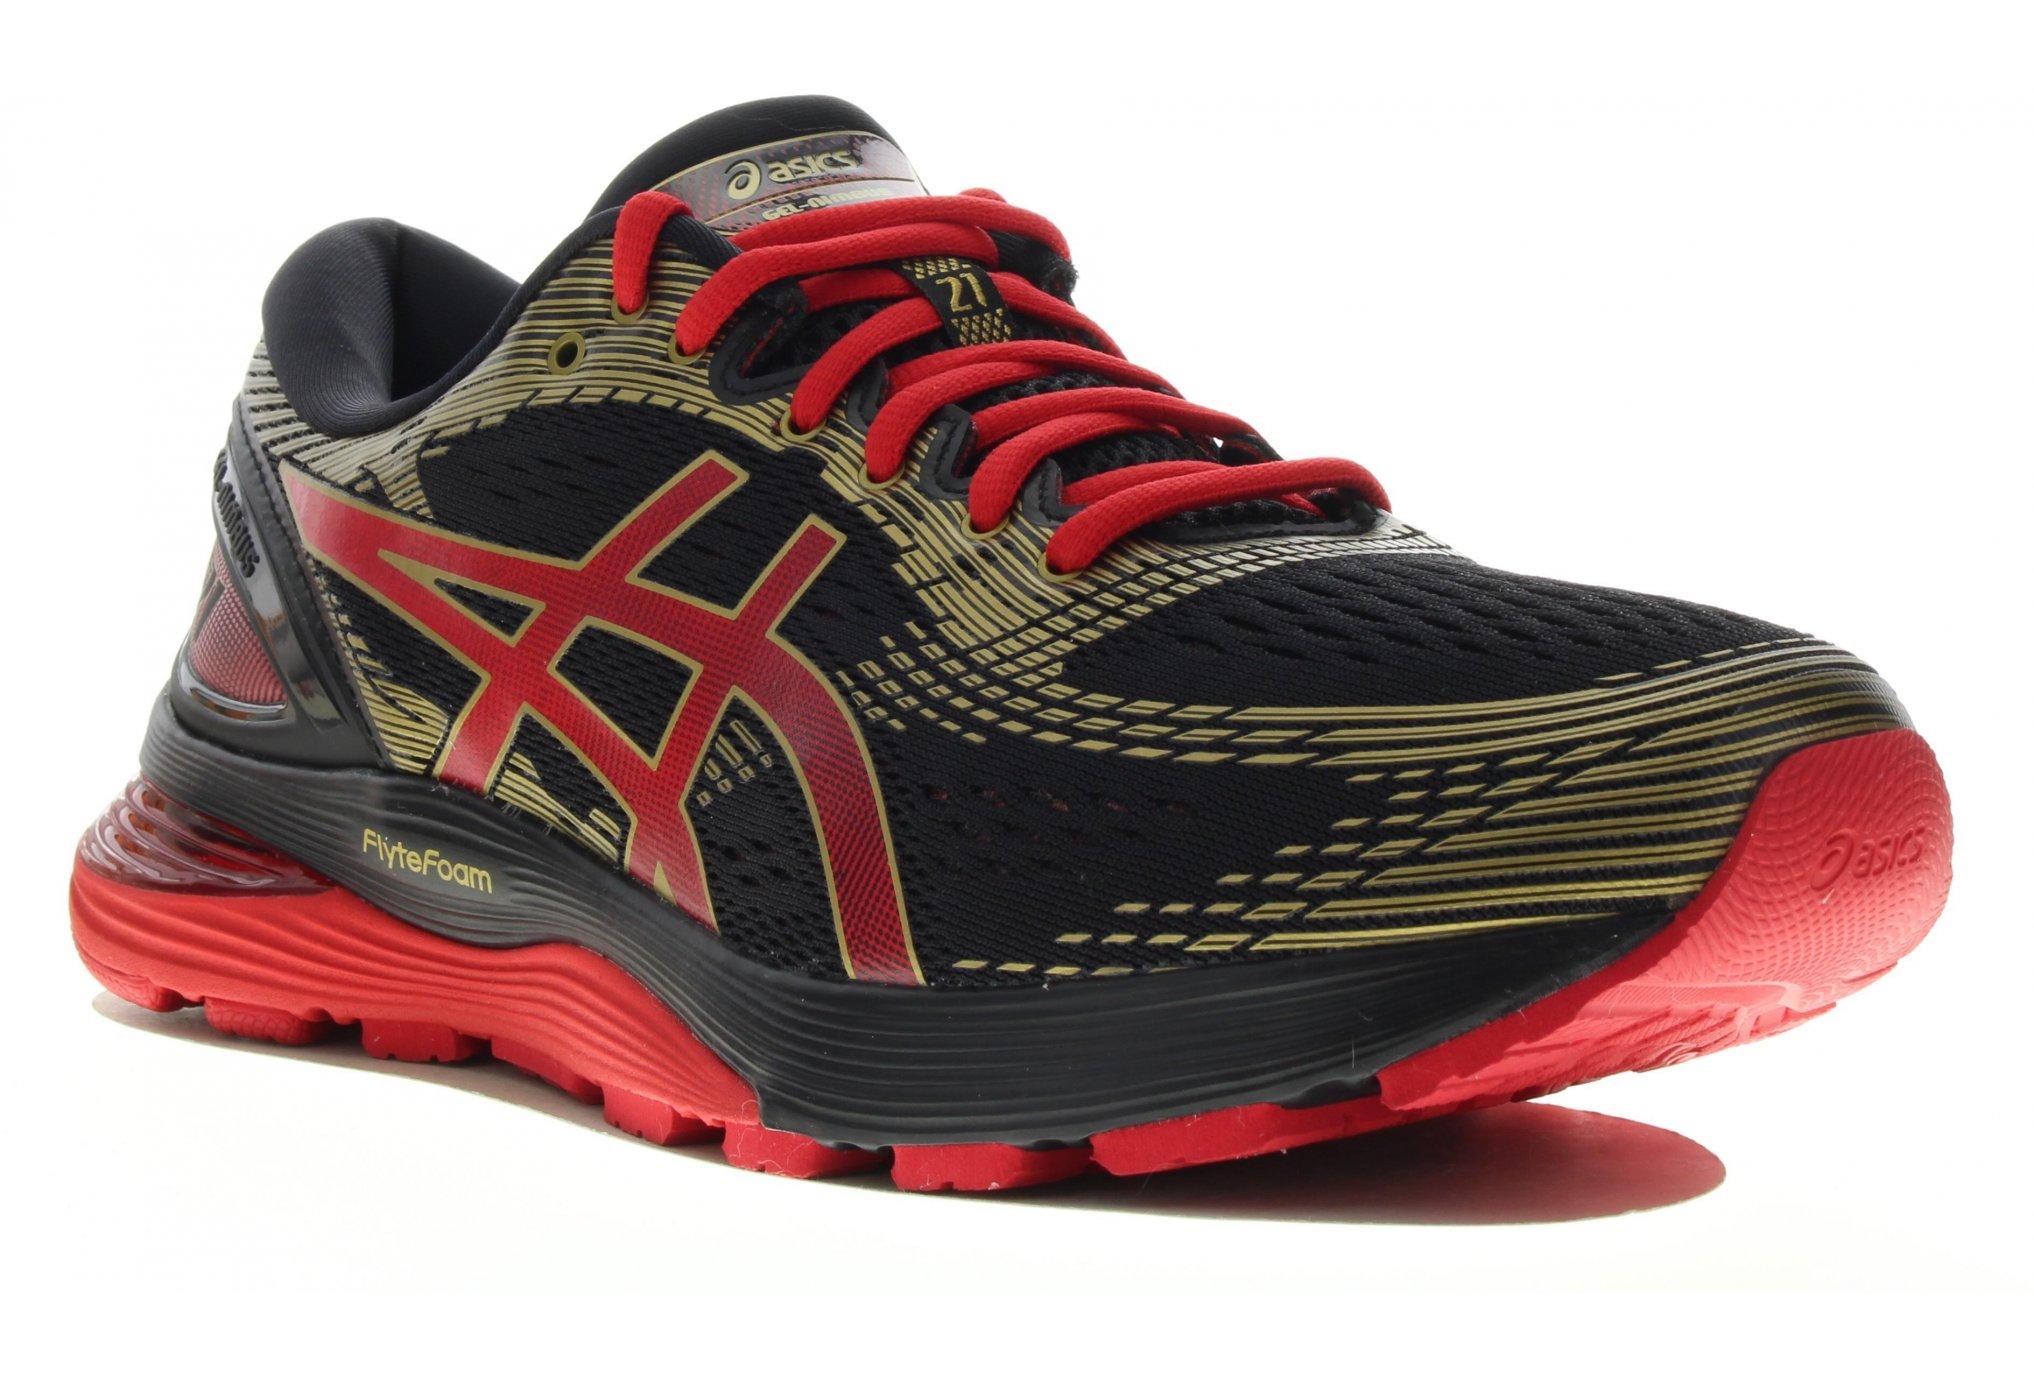 Asics Gel-Nimbus 21 Mugen Chaussures homme